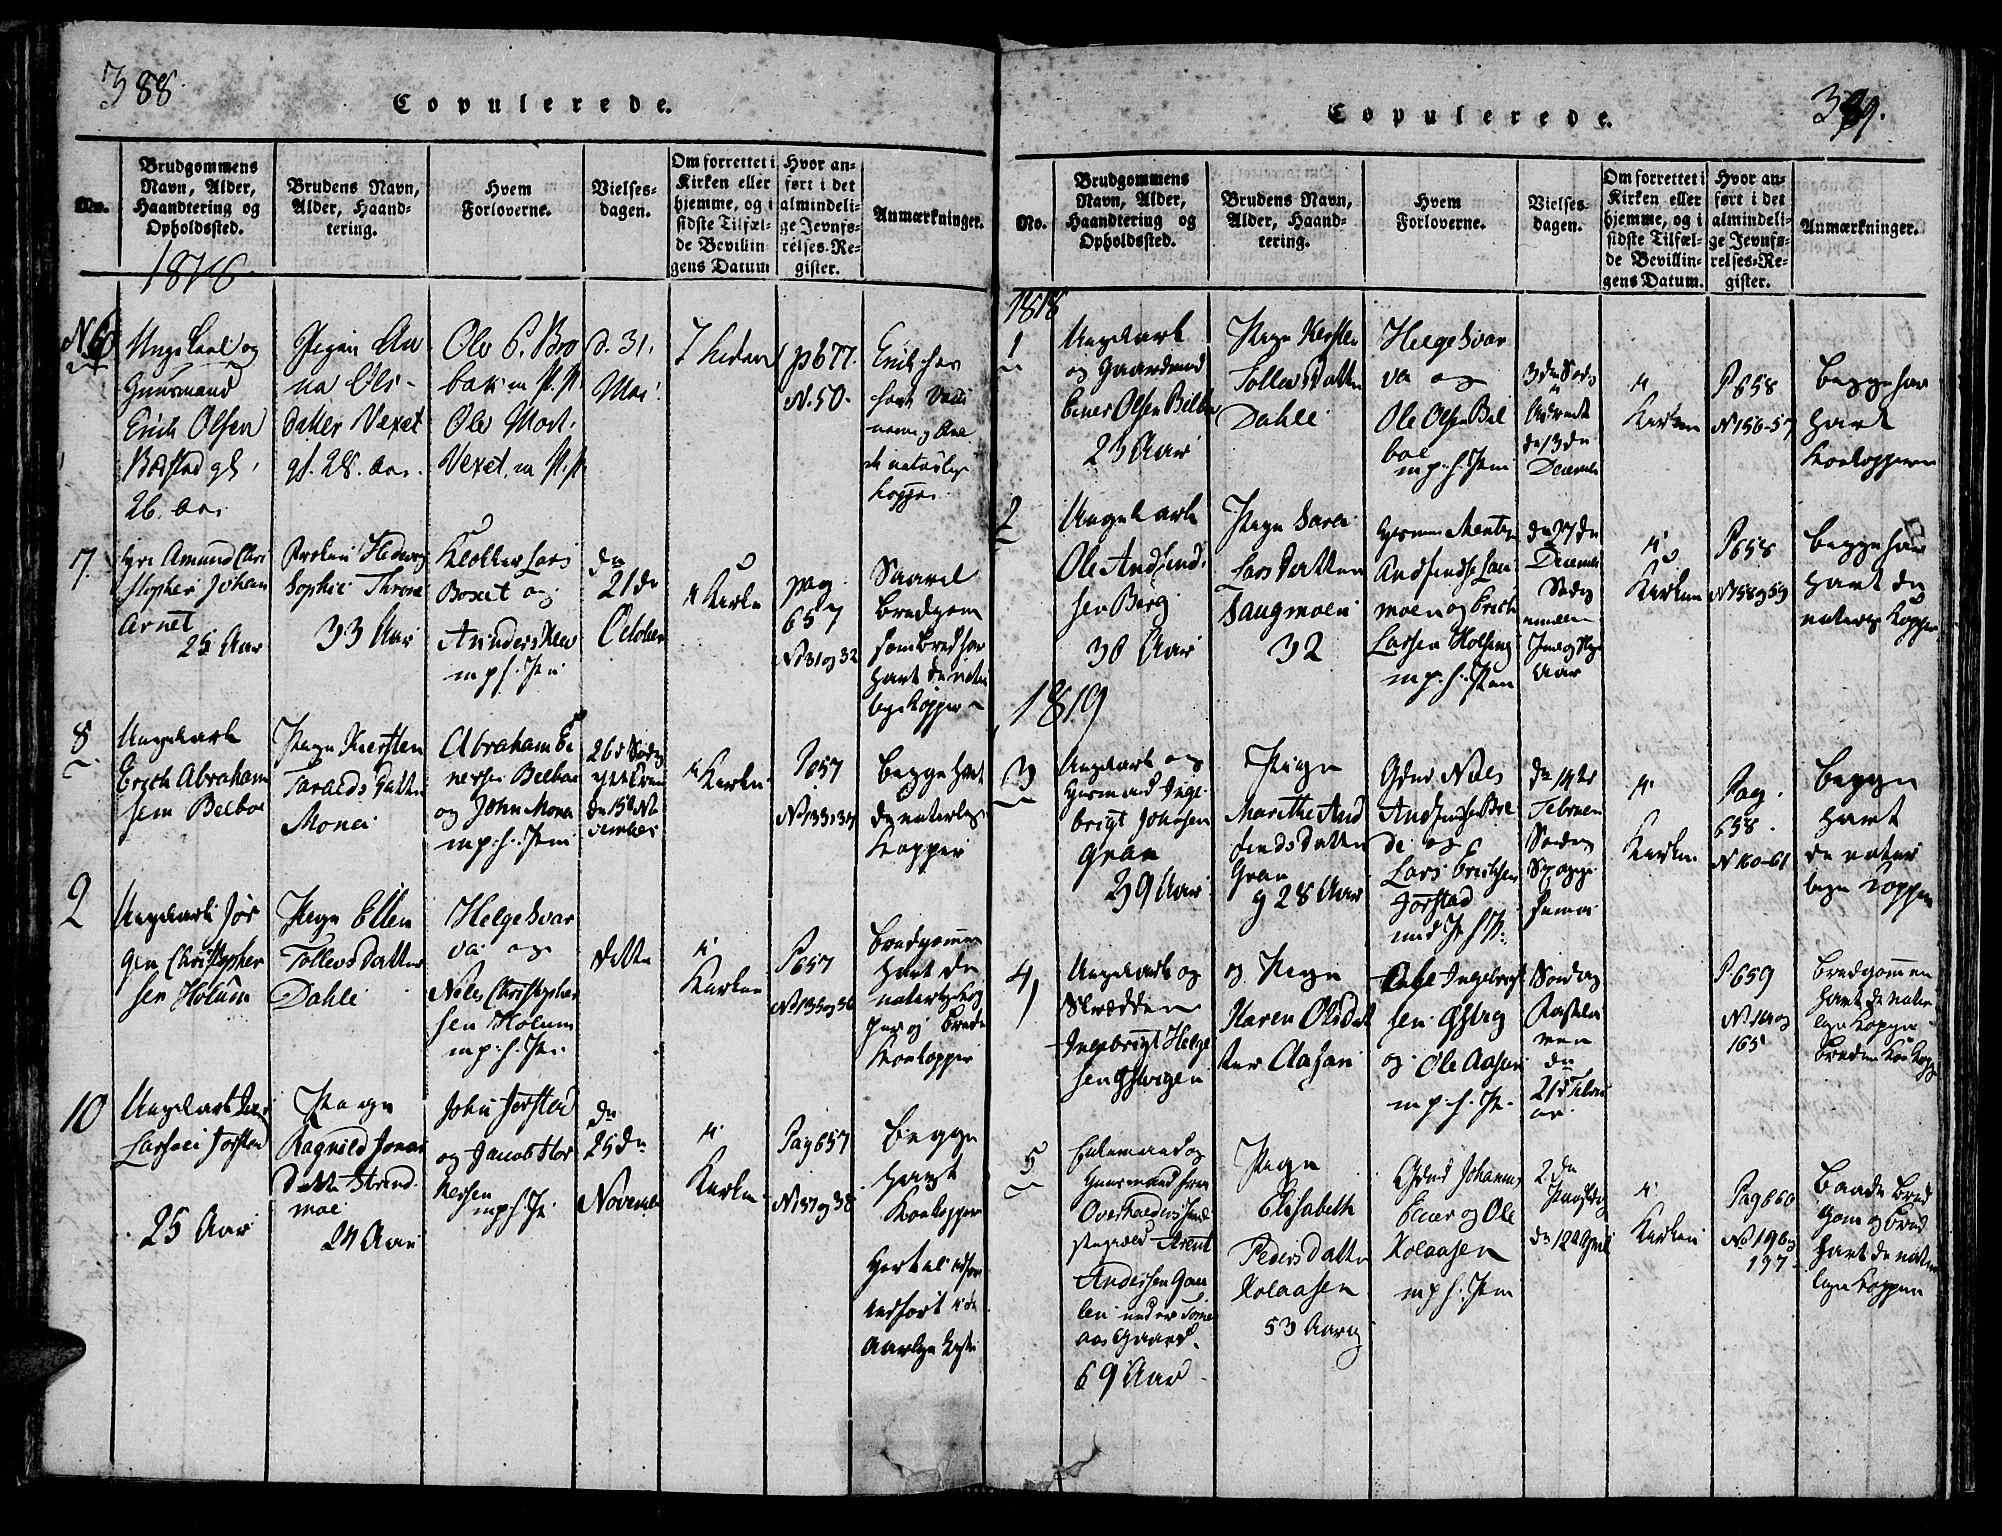 SAT, Ministerialprotokoller, klokkerbøker og fødselsregistre - Nord-Trøndelag, 749/L0479: Klokkerbok nr. 749C01, 1817-1829, s. 388-389